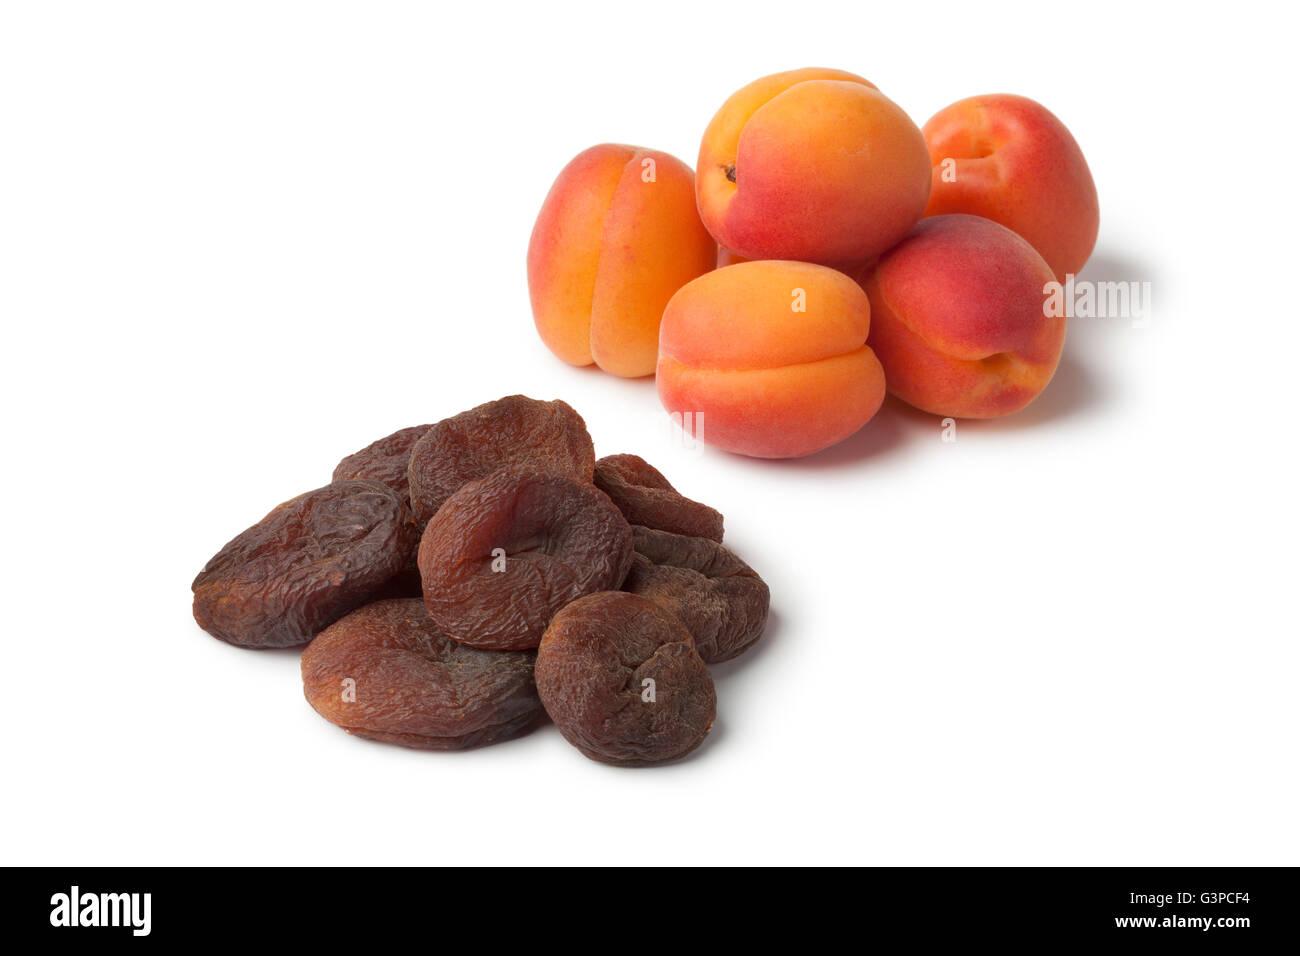 Sani e freschi e sun albicocca secca Frutta su sfondo bianco Immagini Stock